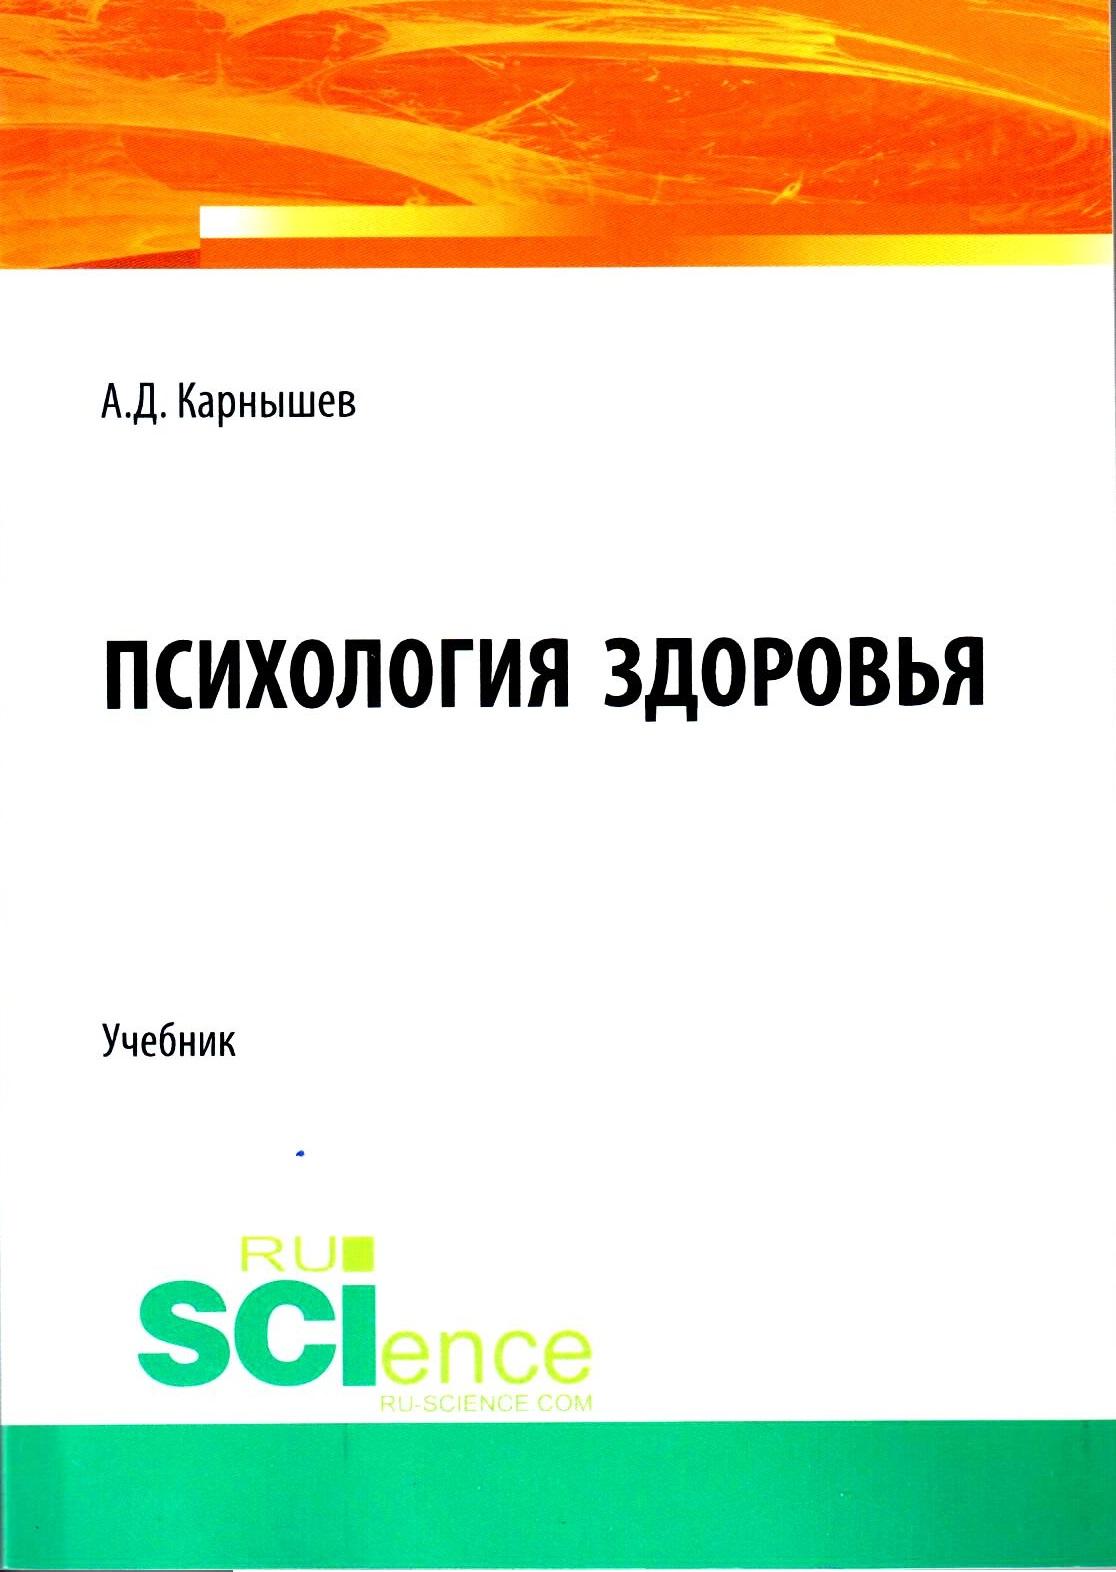 Психология здоровья. Учебник.